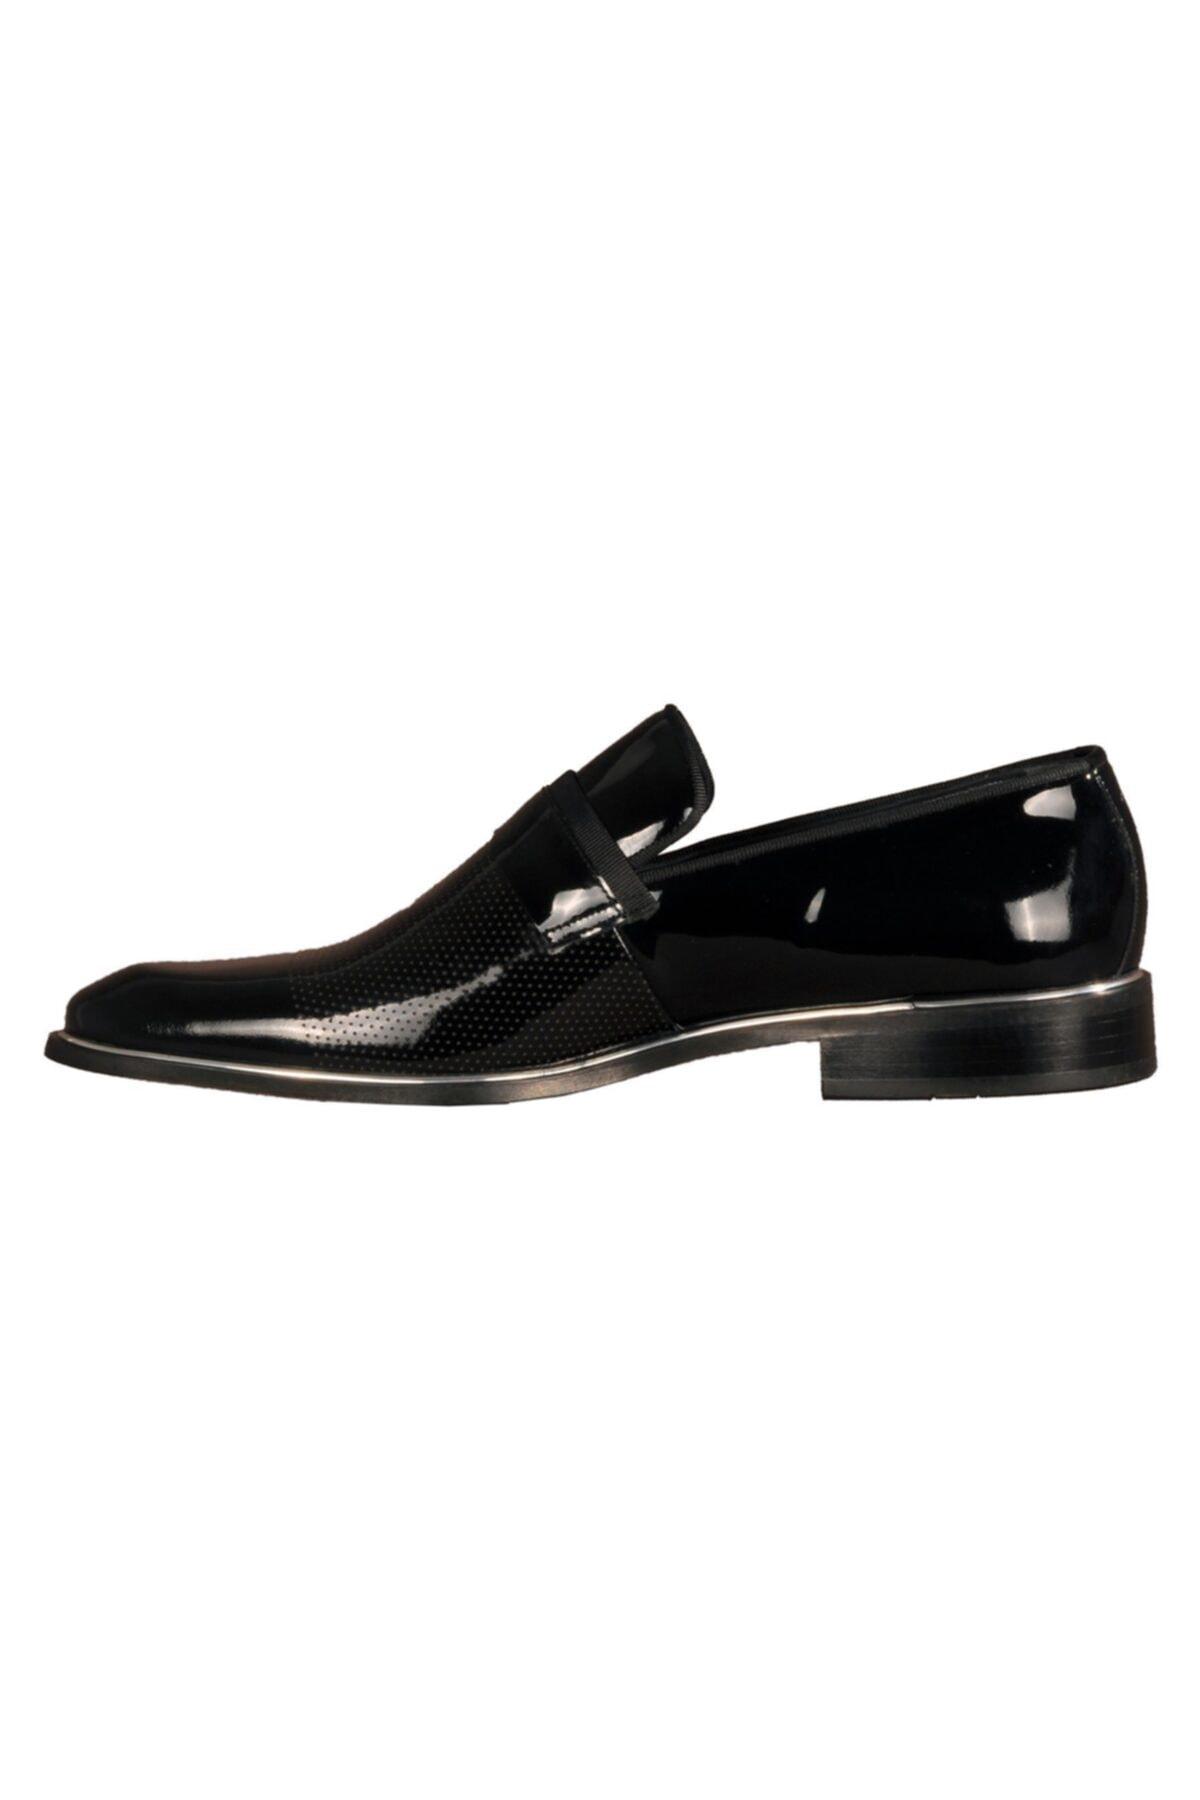 Fosco Siyah Erkek Hakiki Deri Klasik Ayakkabı 2